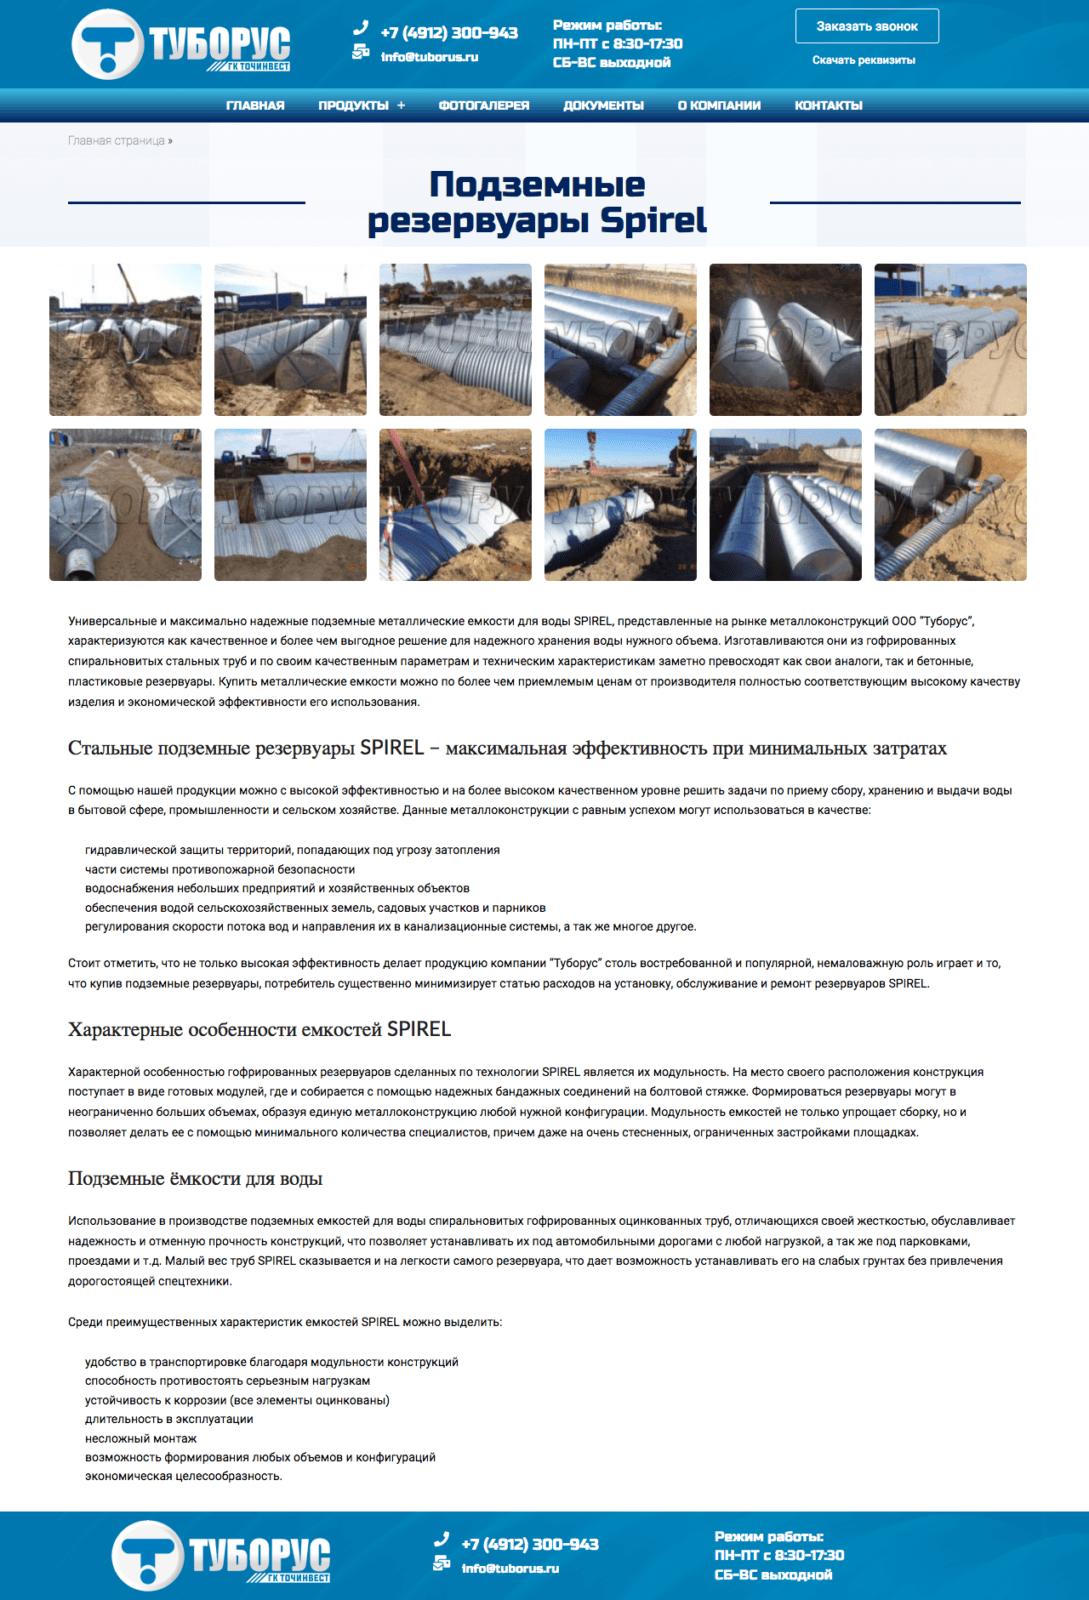 Сайт по производству подземных резервуаров